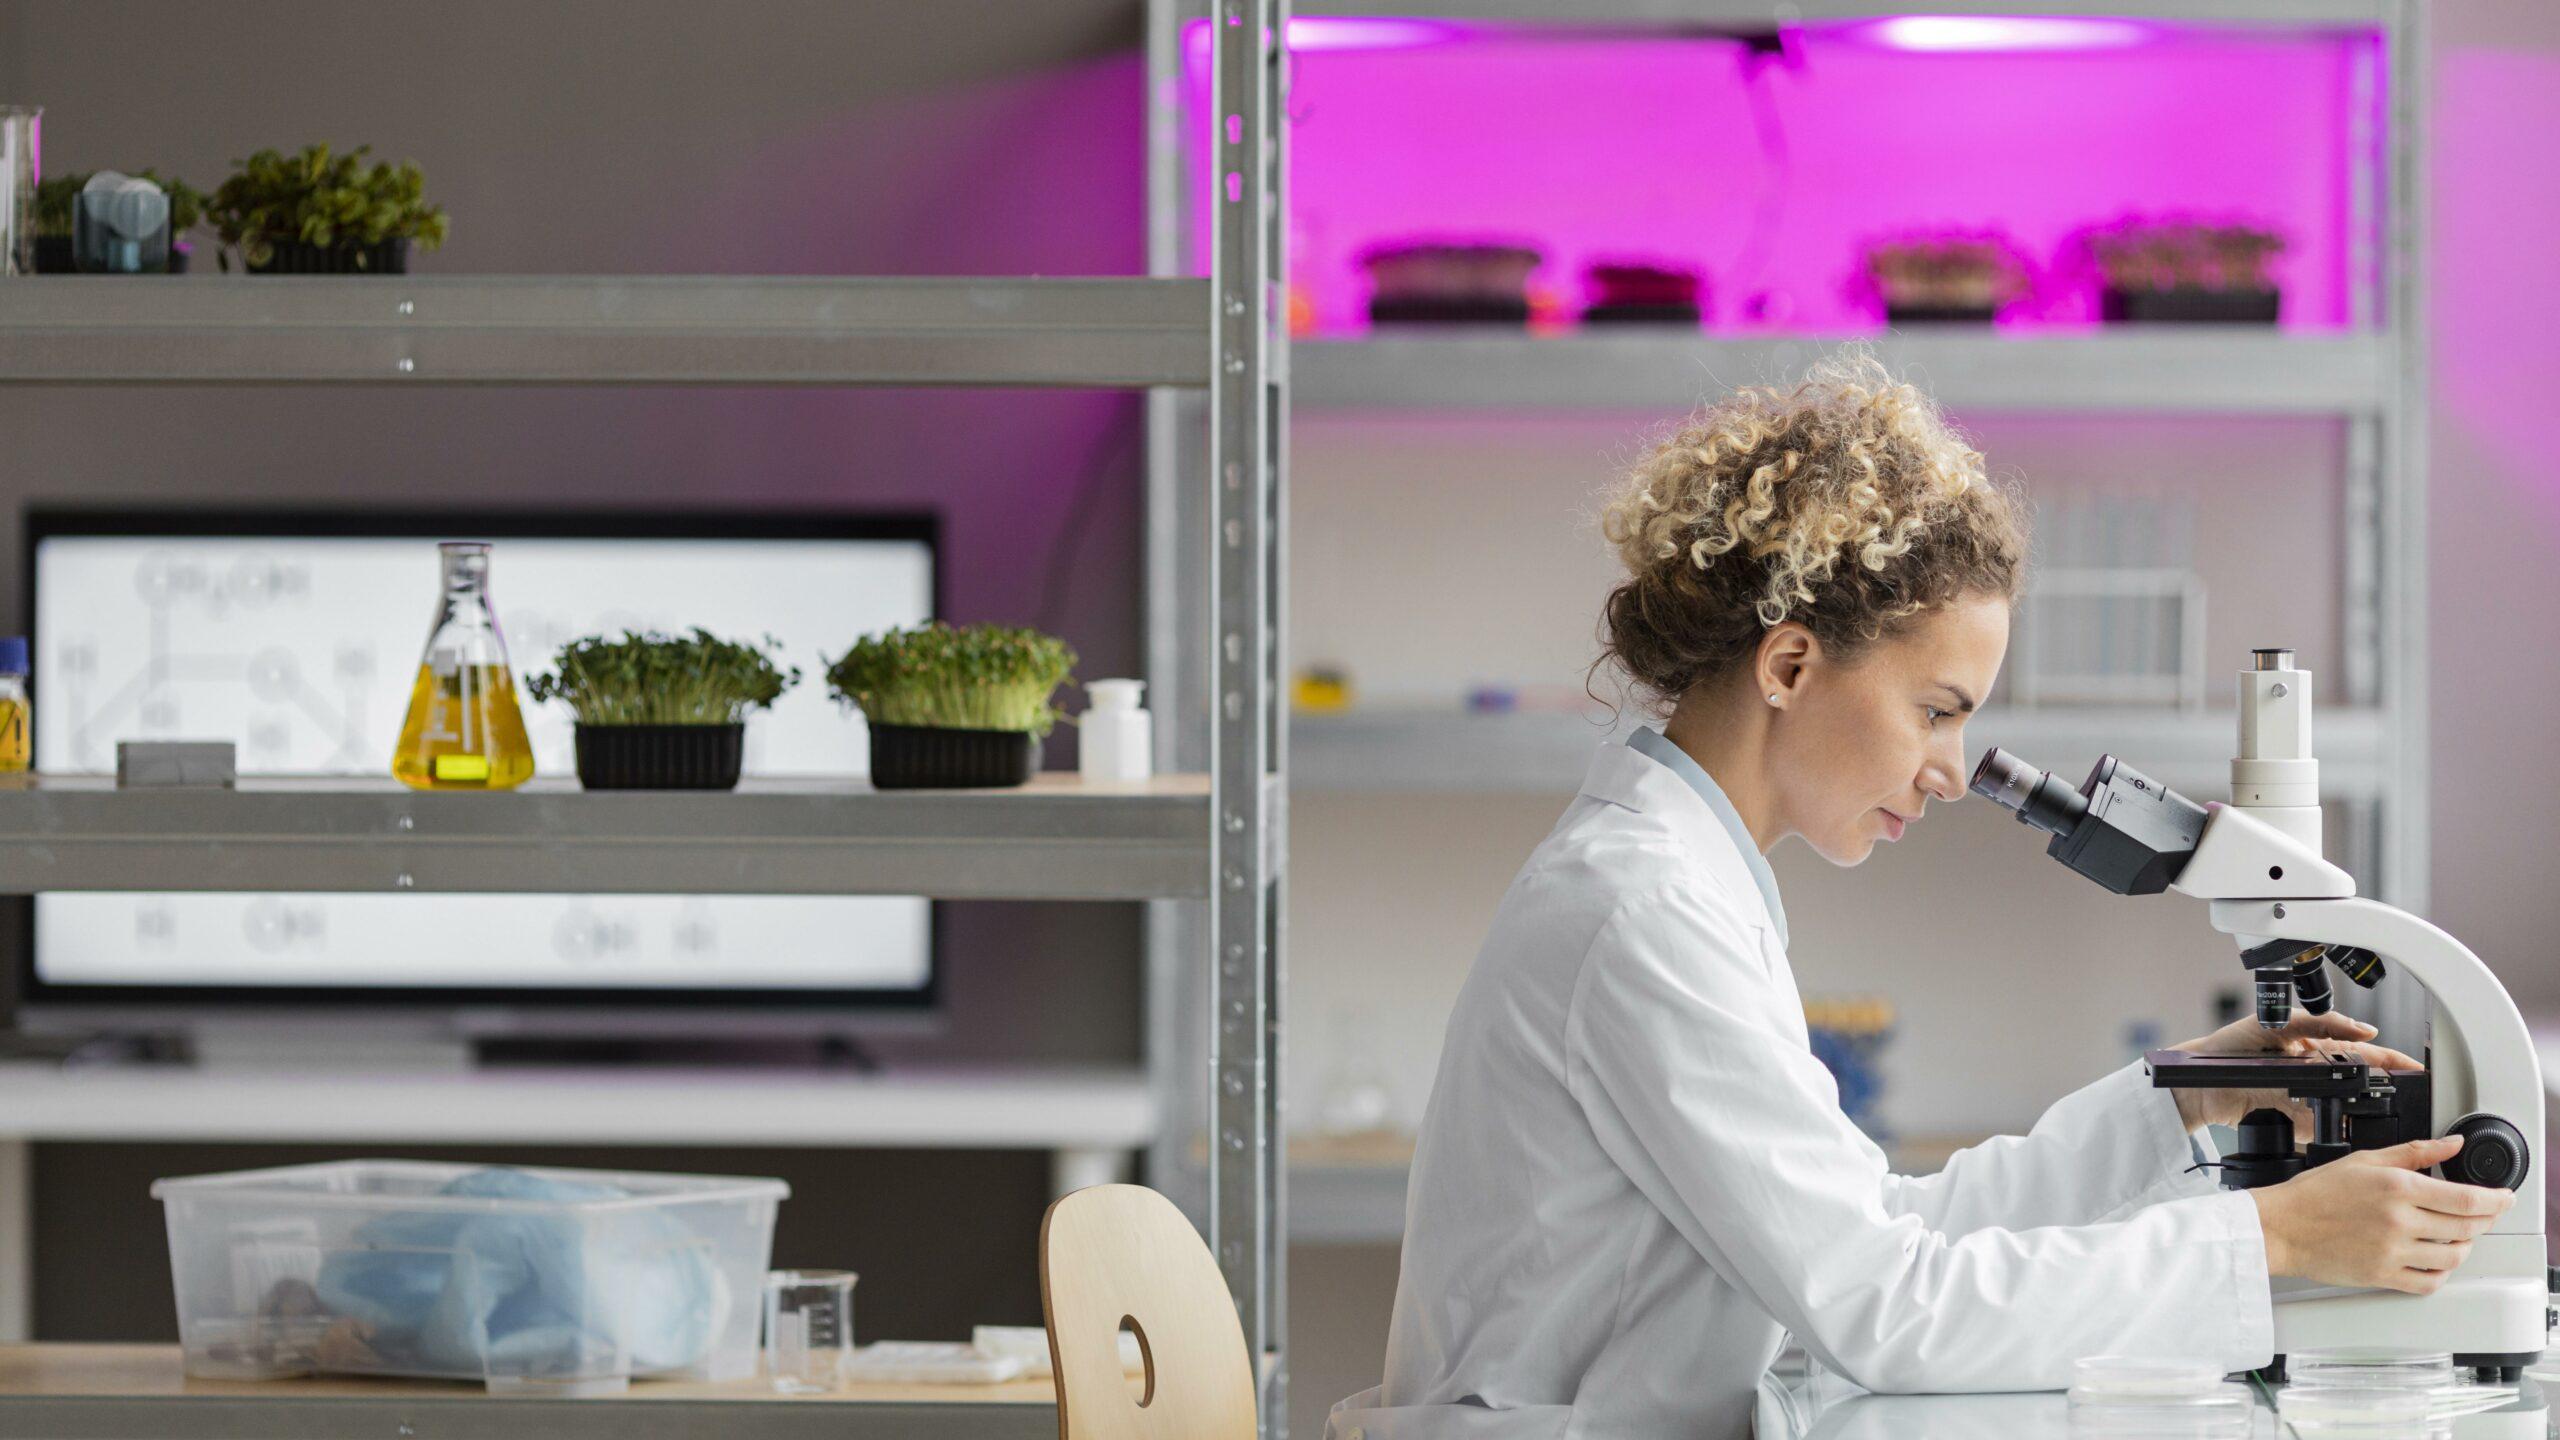 Zum Tag der Frauen in der Wissenschaft ist hier ein Symbolbild einer Wissenschaftlerin im Laborkittel am Mikroskop abgebildet.